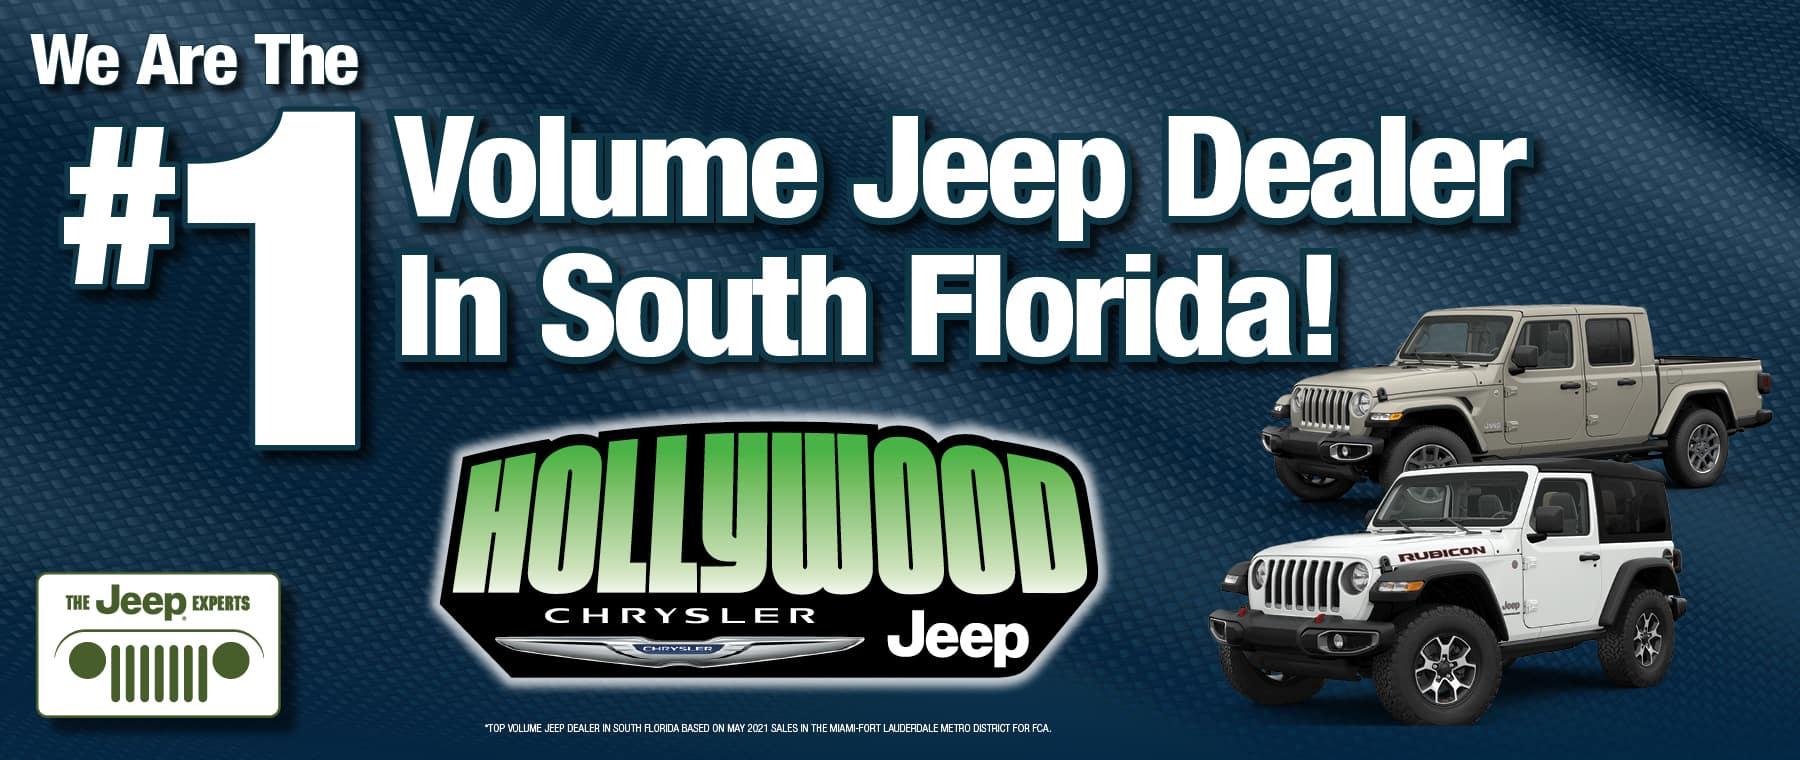 #1 Jeep Dealer